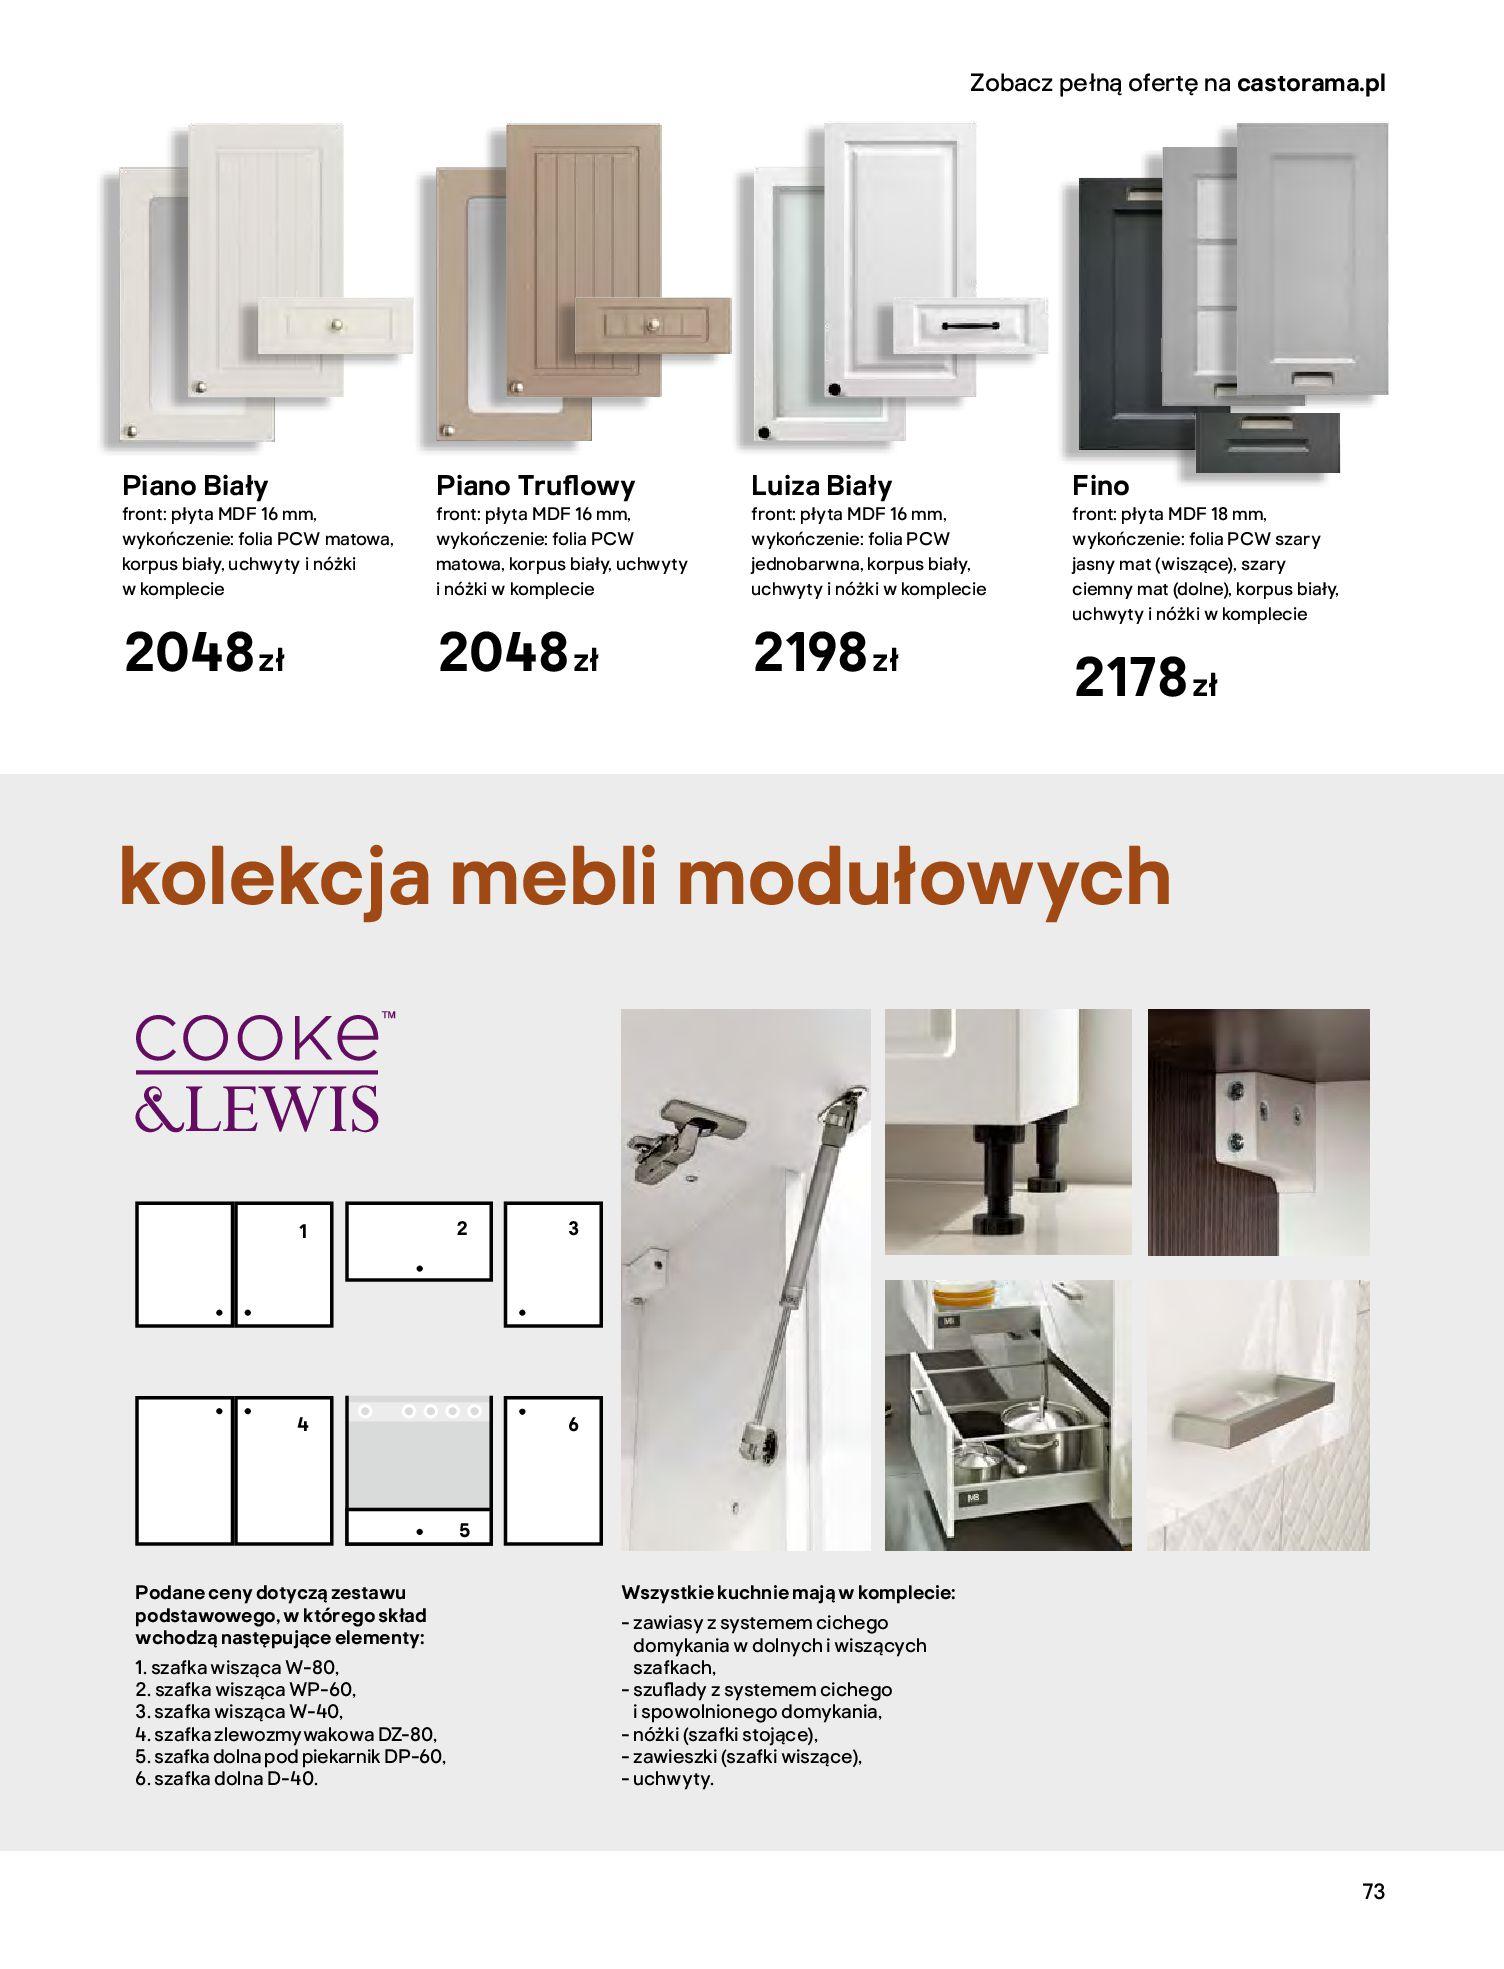 Gazetka Castorama - Katalog Kuchnie 2020-14.04.2020-31.12.2020-page-73